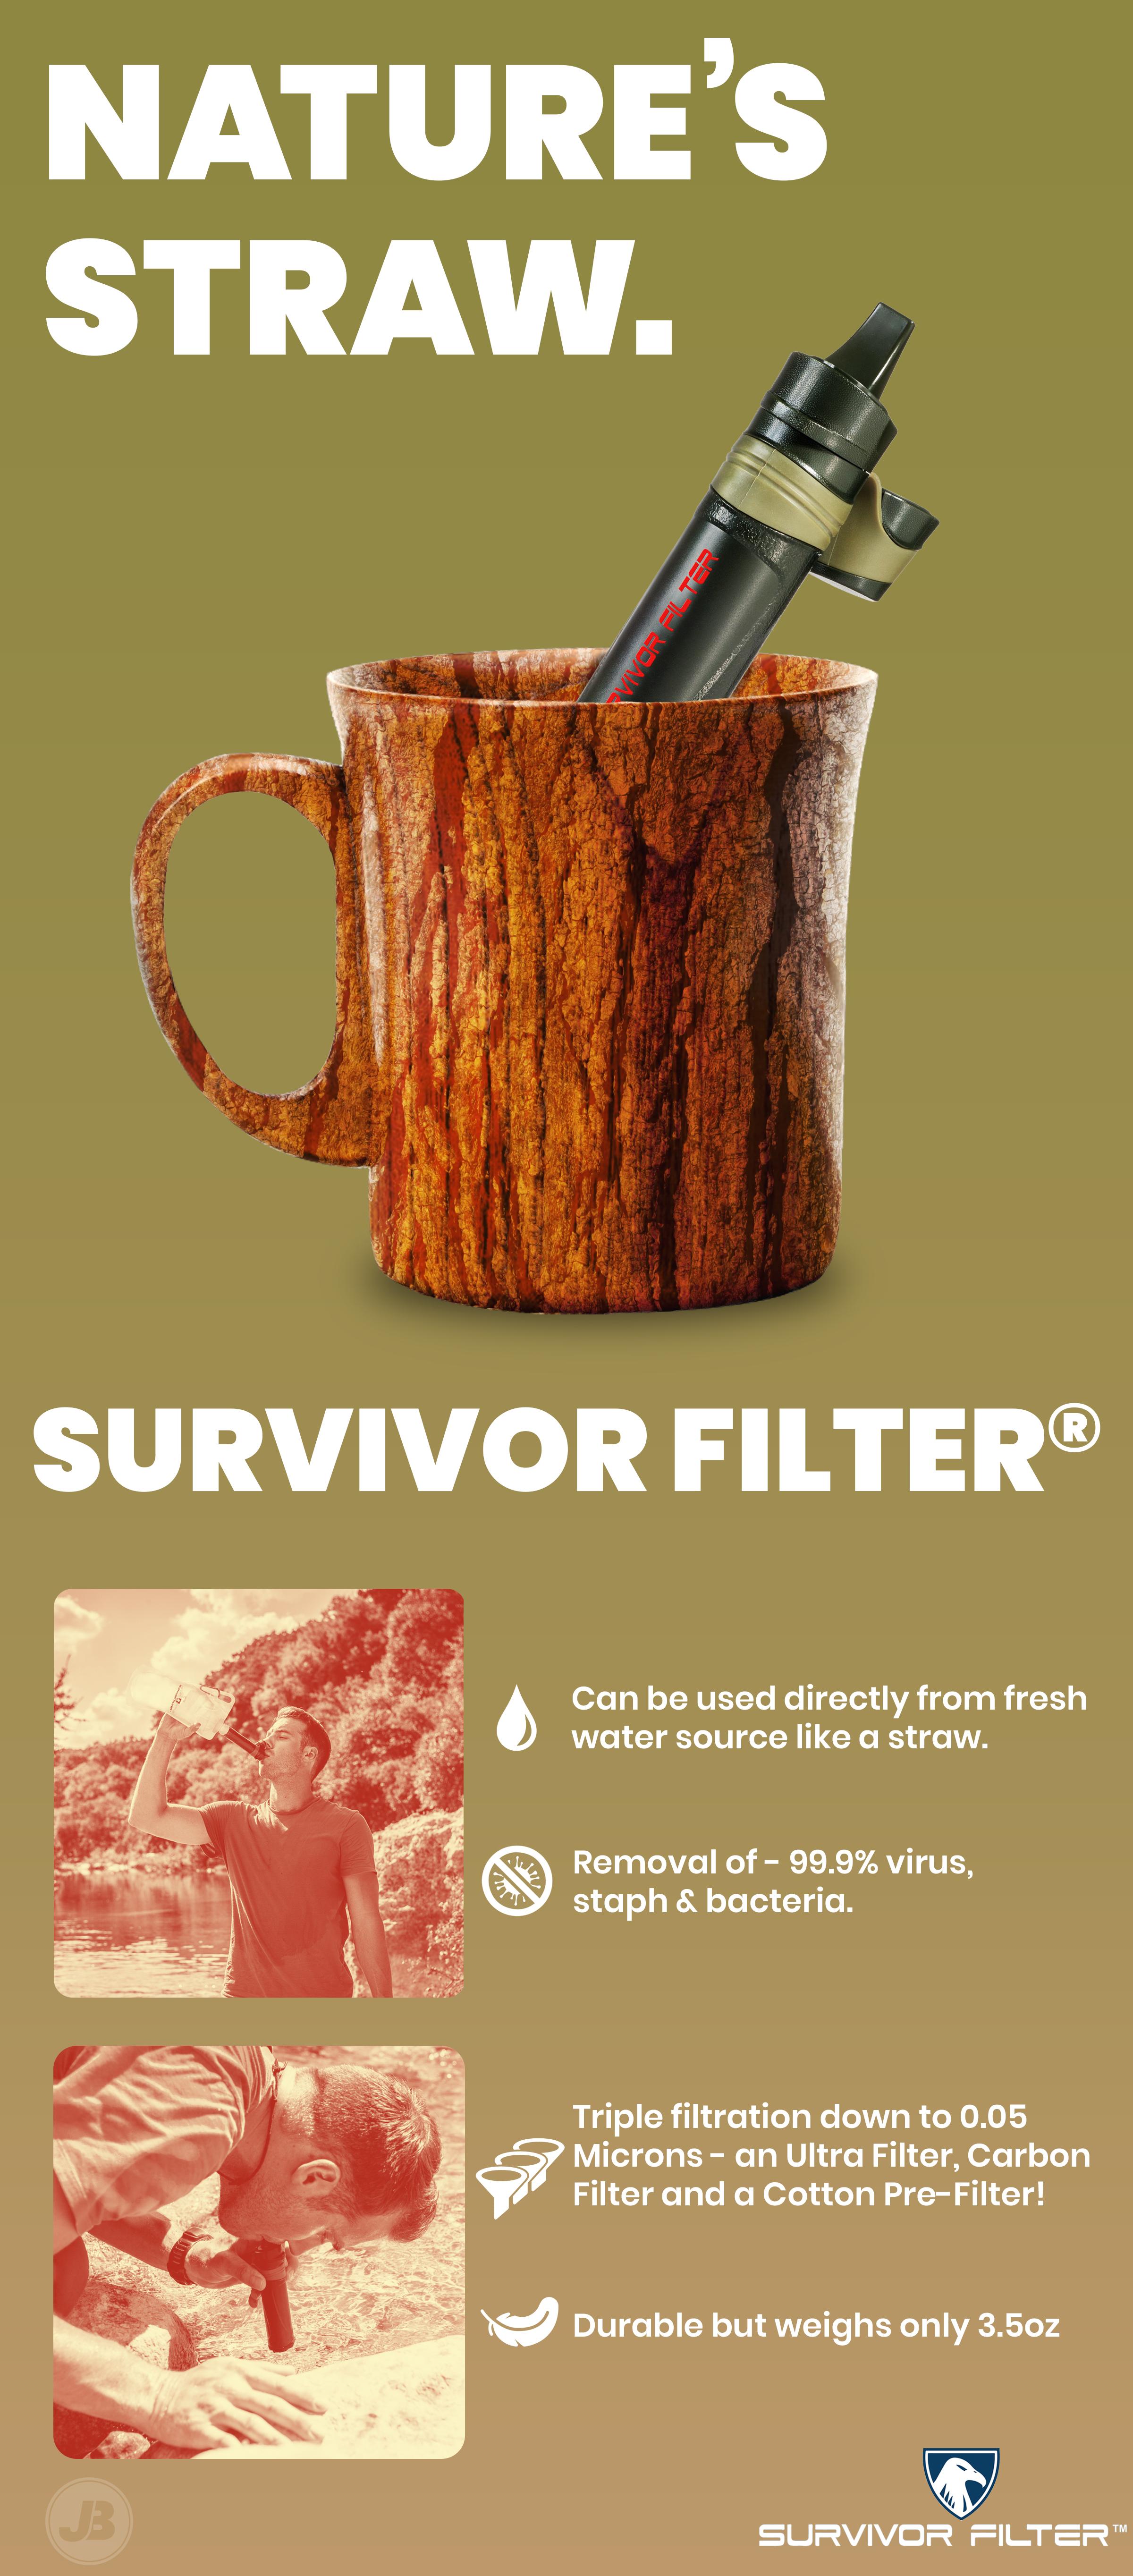 Survivor Filter.jpg